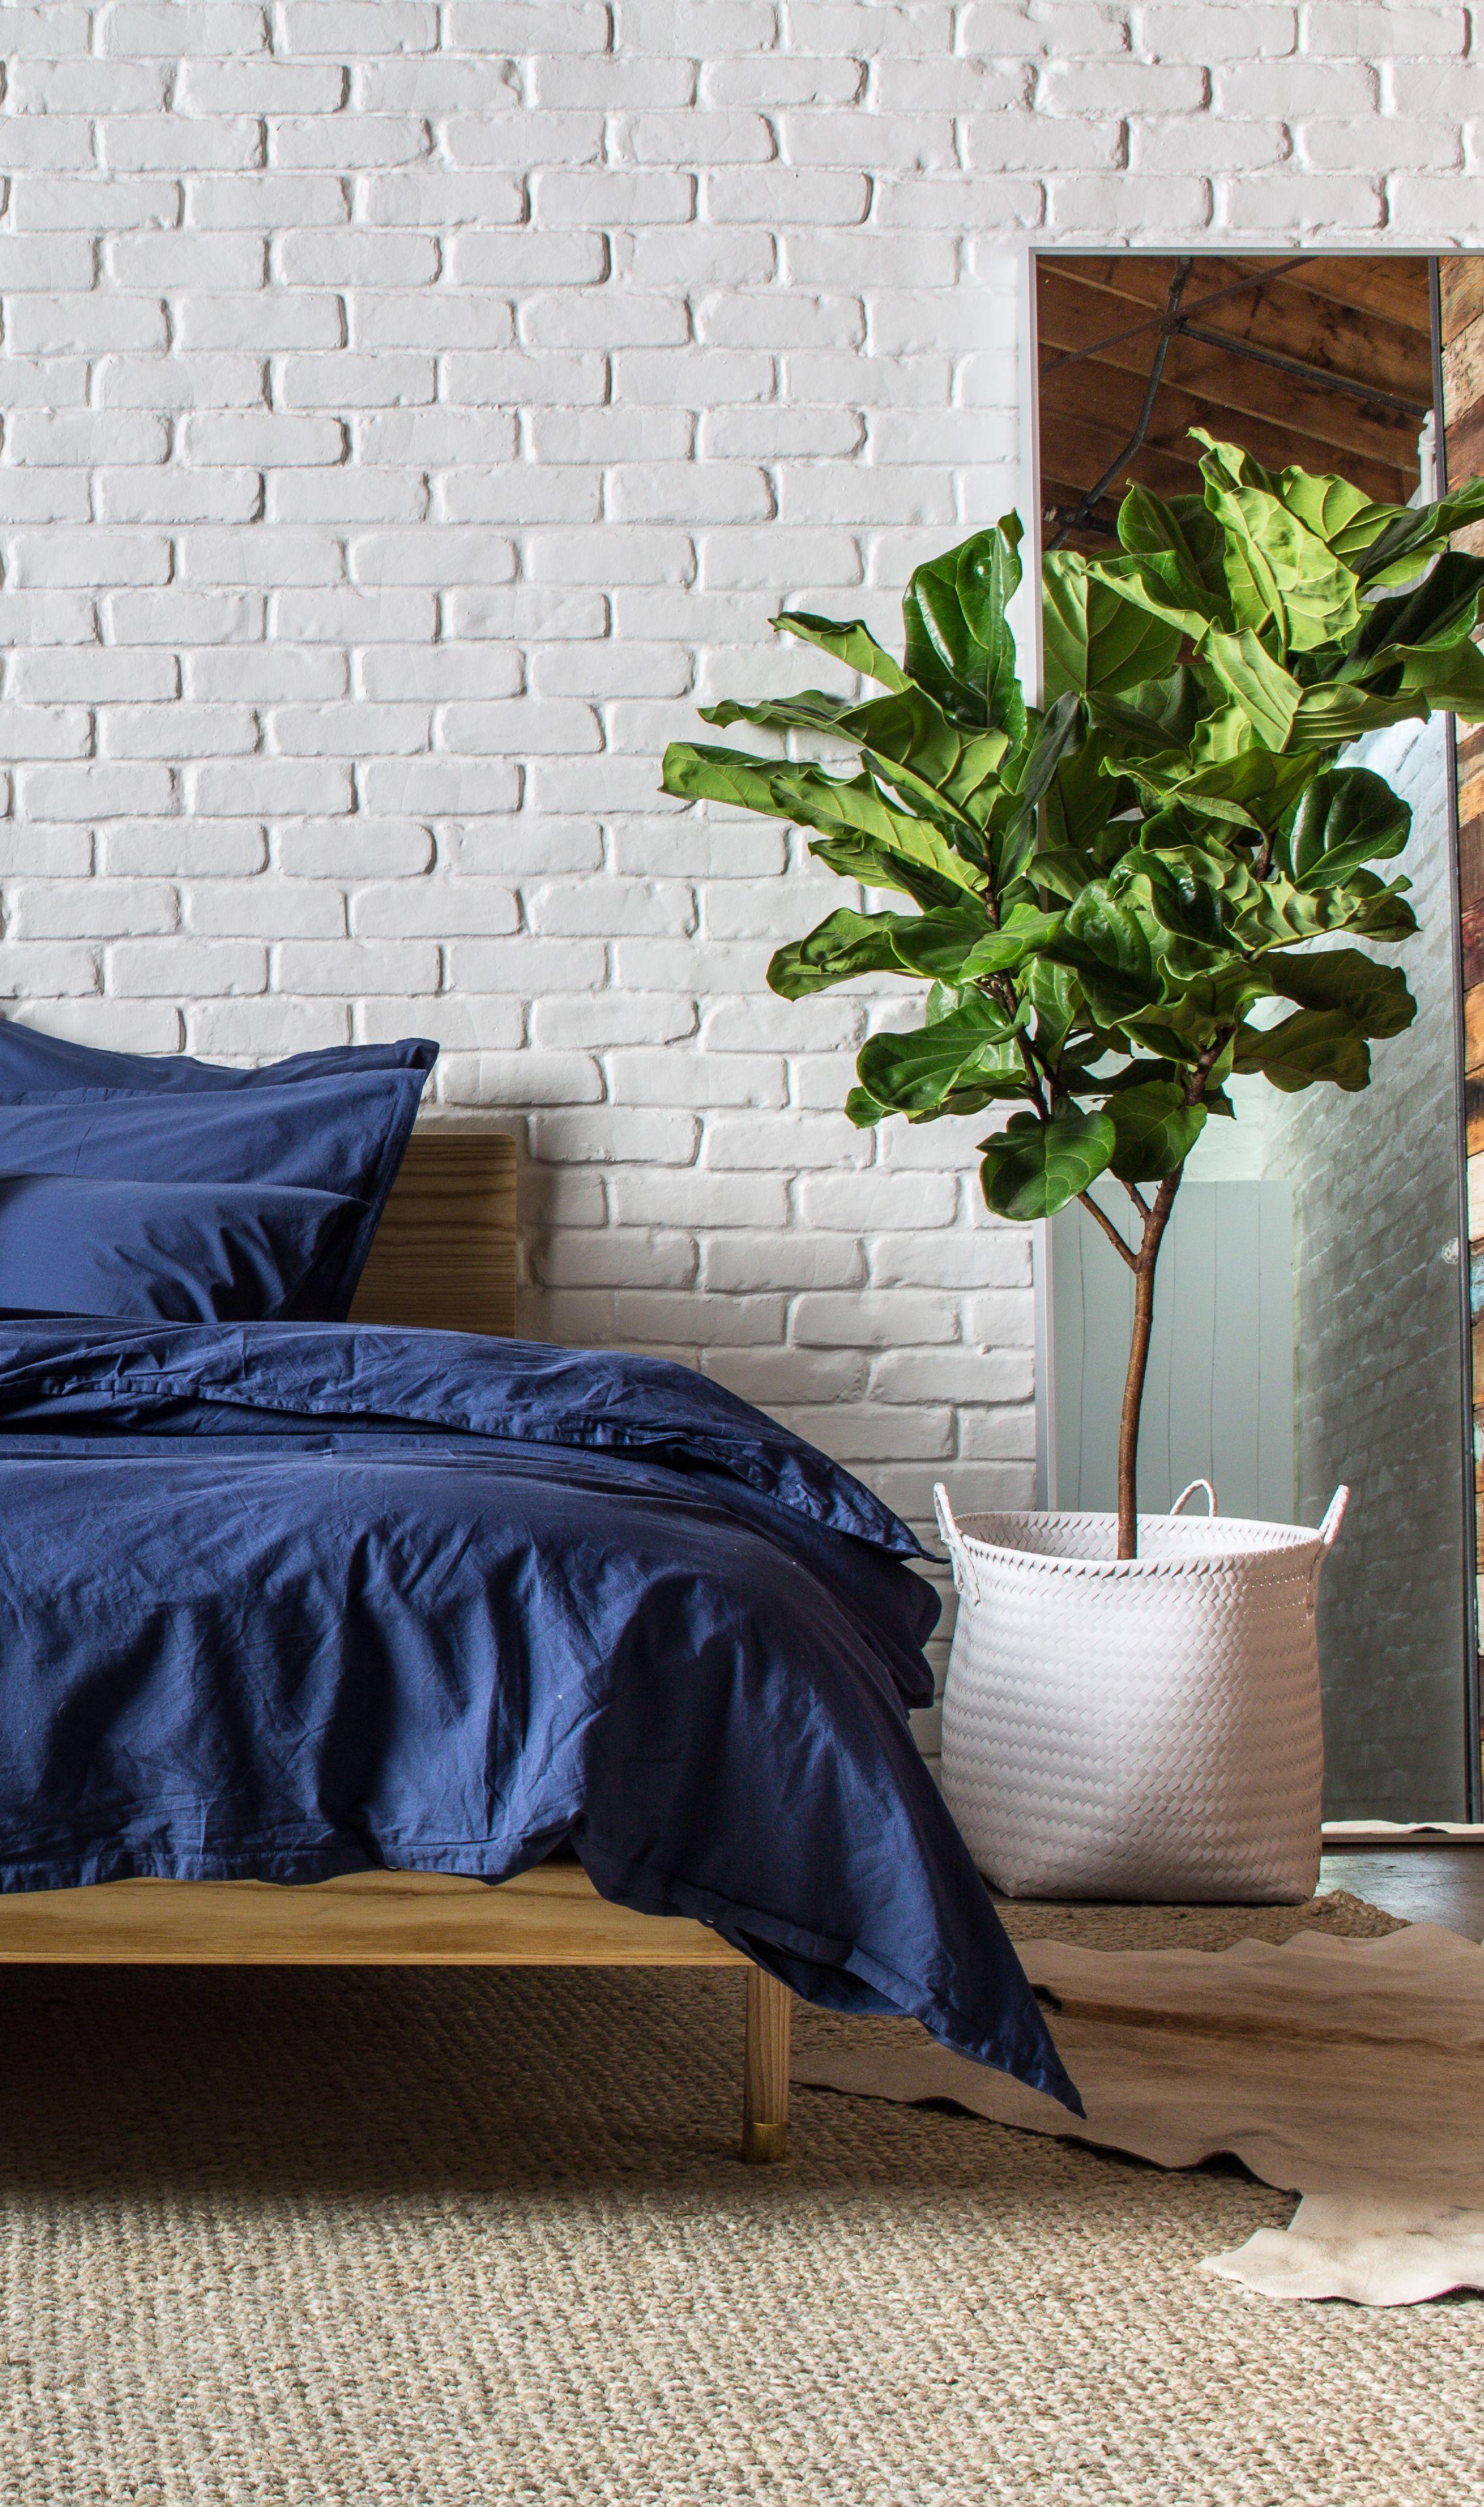 les 25 meilleures id es de la cat gorie drap percale sur pinterest la redoute couette 100. Black Bedroom Furniture Sets. Home Design Ideas